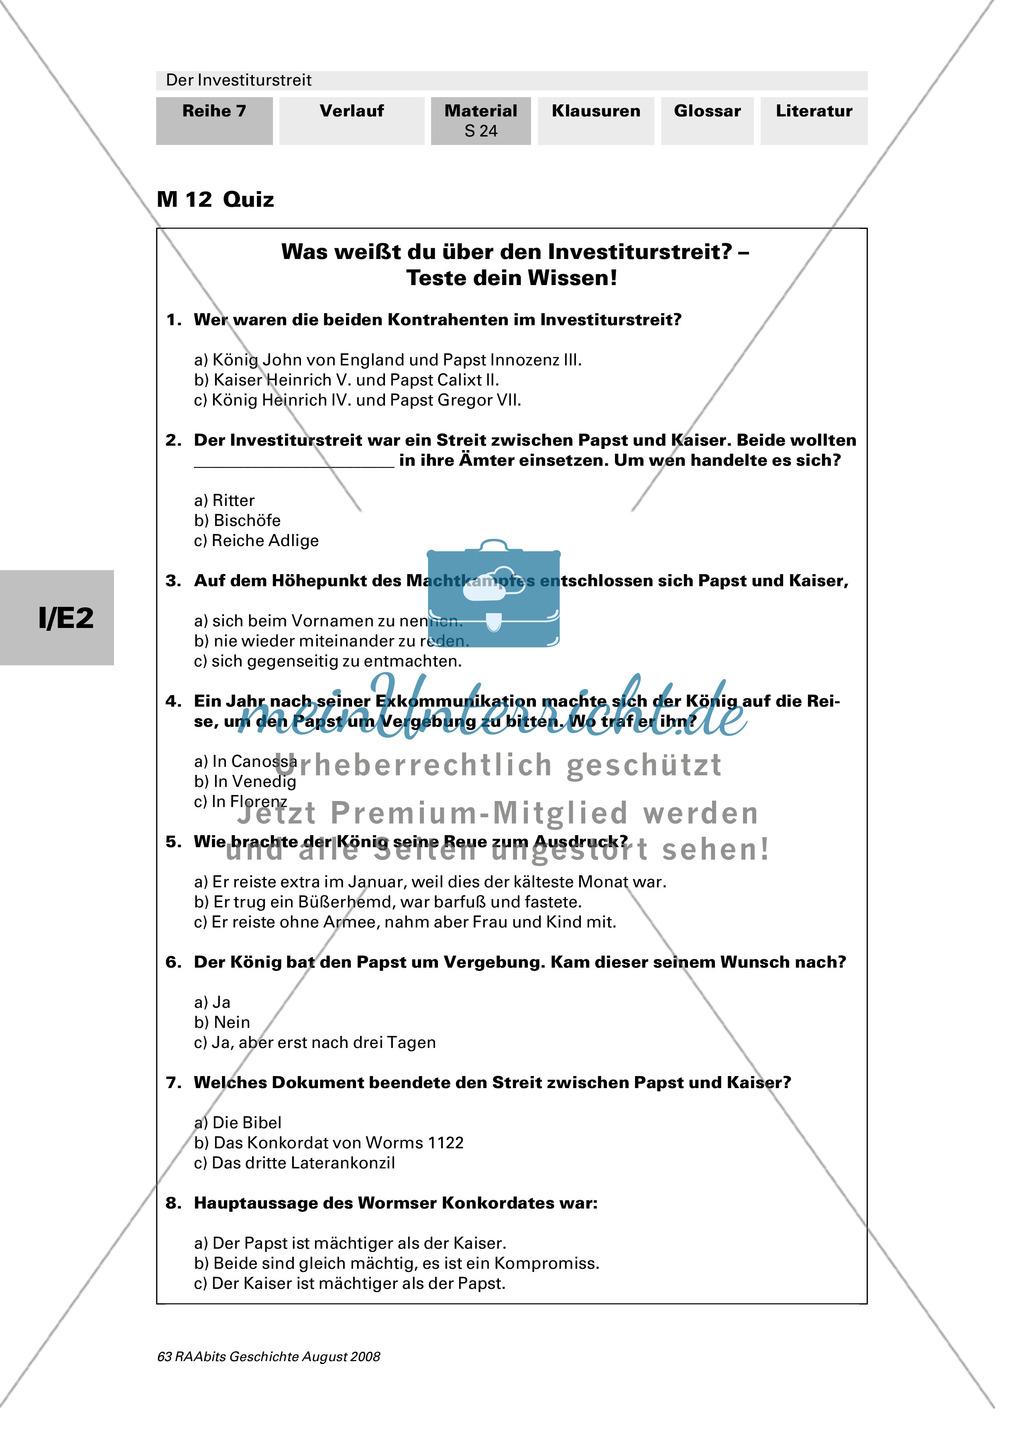 Der Investiturstreit: Lernerfolgskontrolle in Form eines Rollenspiels und eines Quiz Preview 2